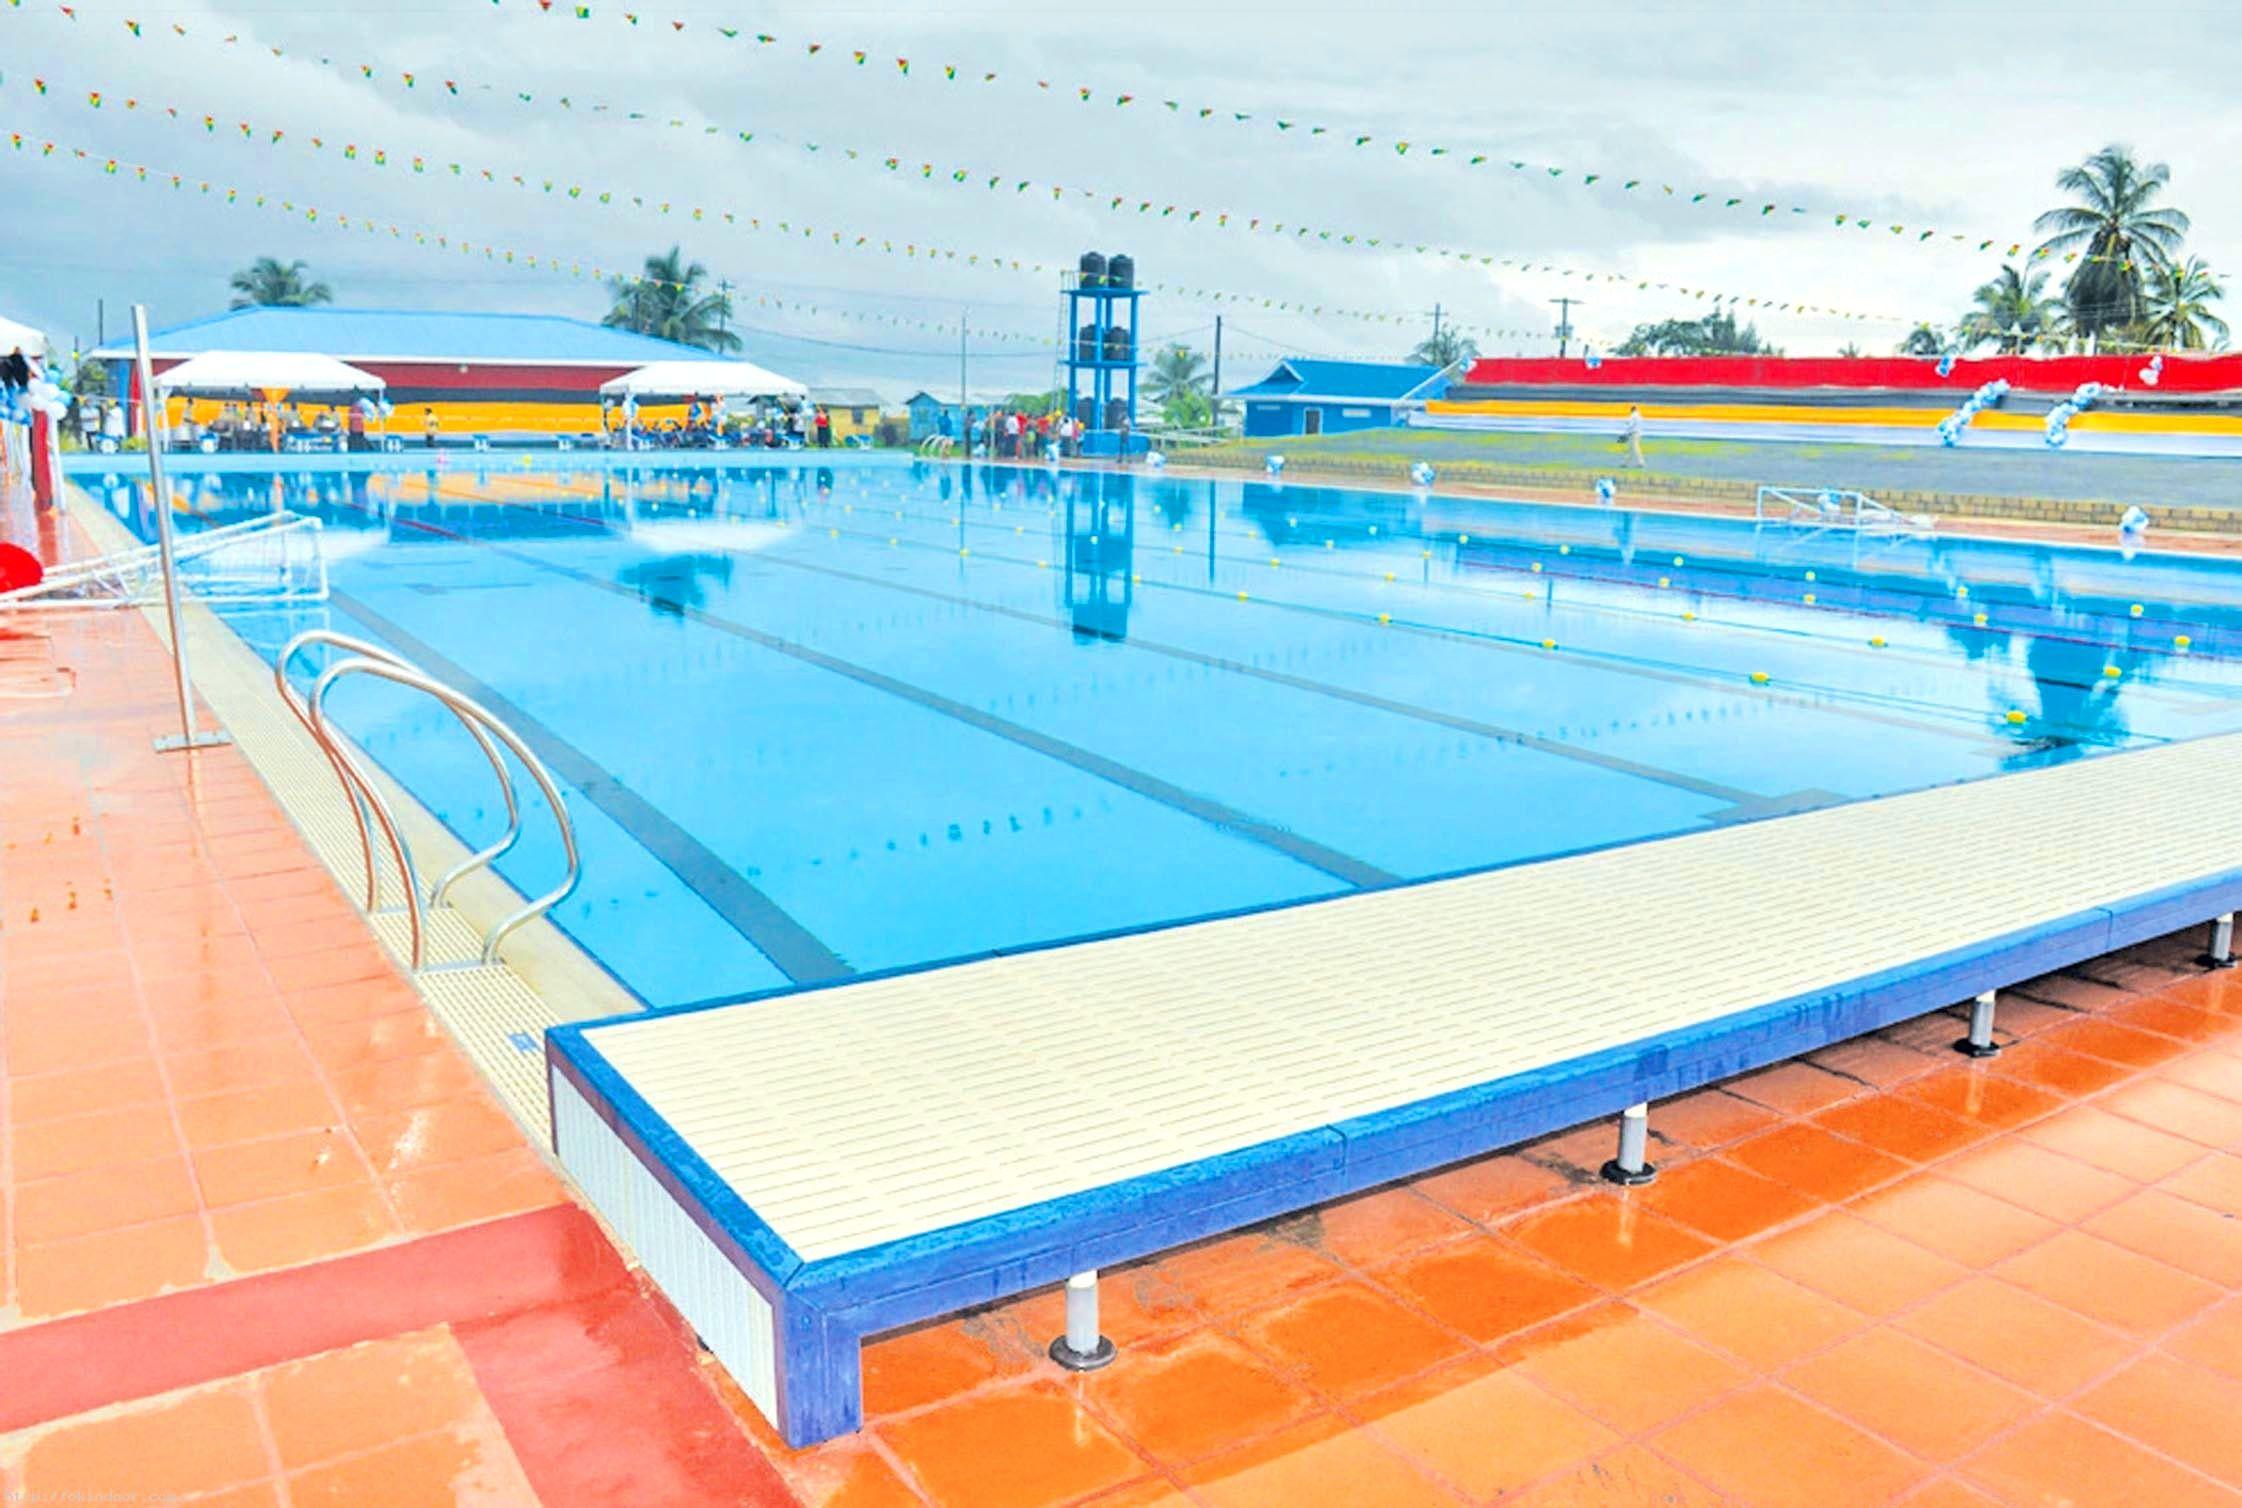 Bedroom Enchanting Stock Photos Olympic Size Swimming Pool Image Minimum Sizes And Shapes Usa For C Swimming Pool Images Swimming Pool Size Pool Sizes Inground